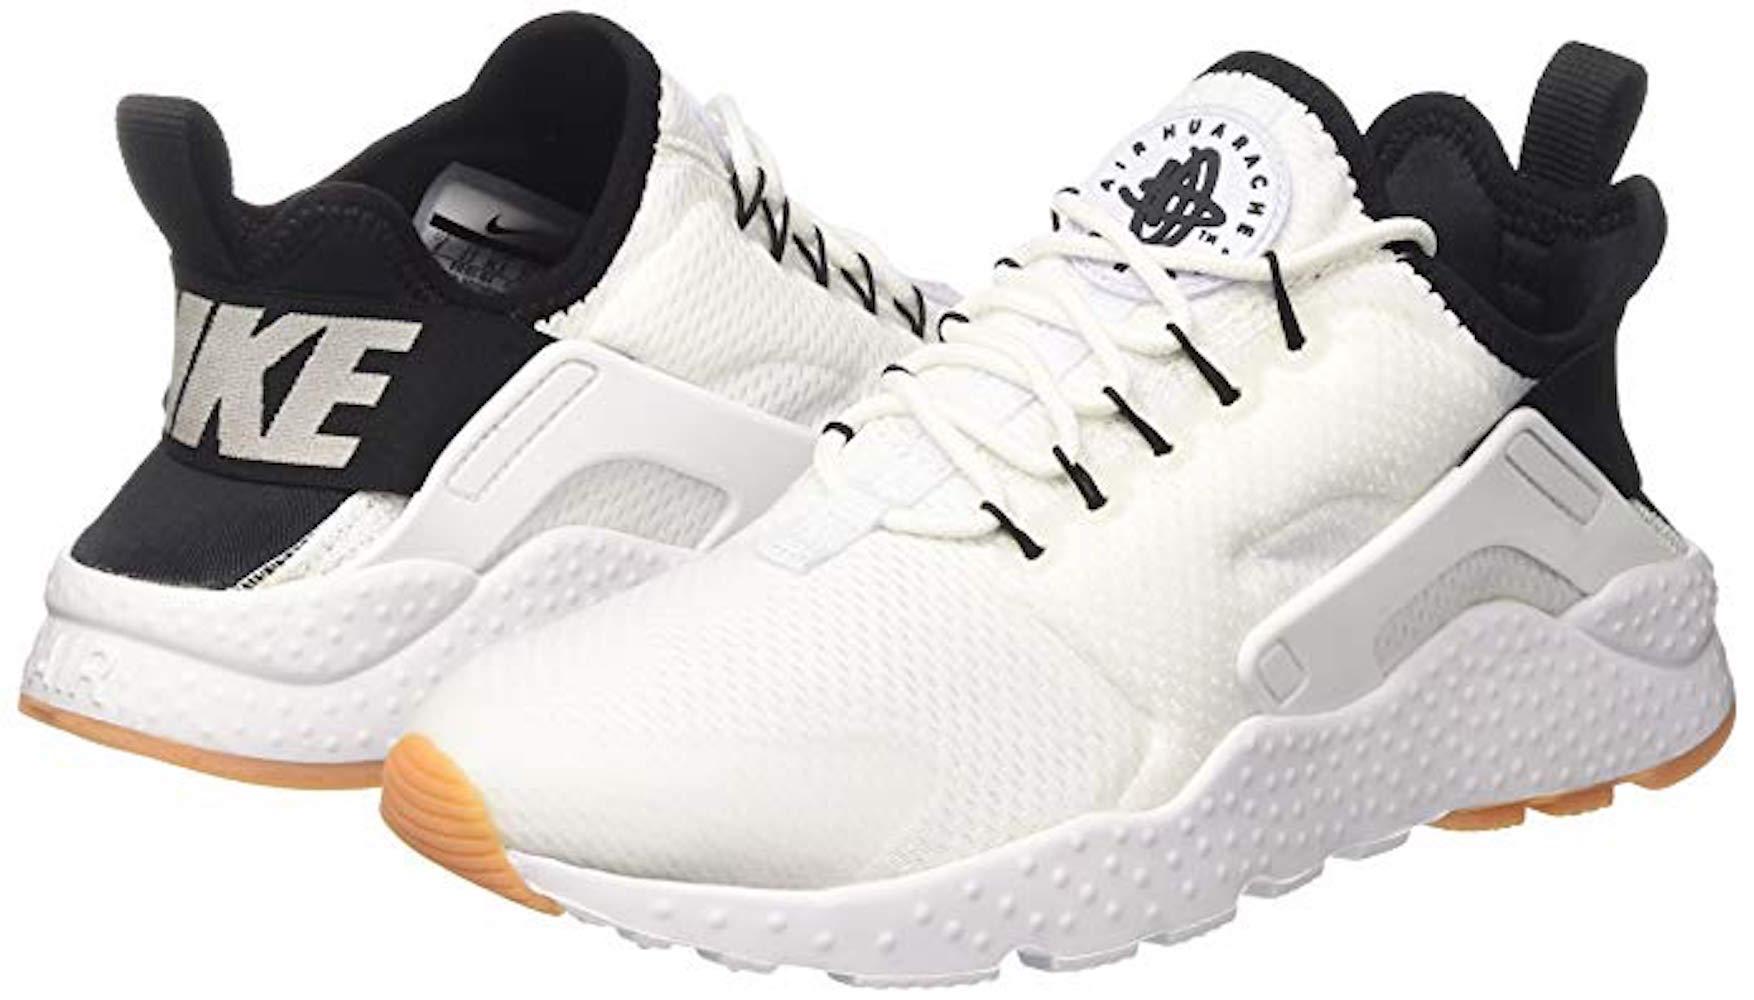 new arrivals cb4df 5accd Nike Womens Air Huarache Run prm Low Top, White Black-Gum Yellow-White,  Size 9.5